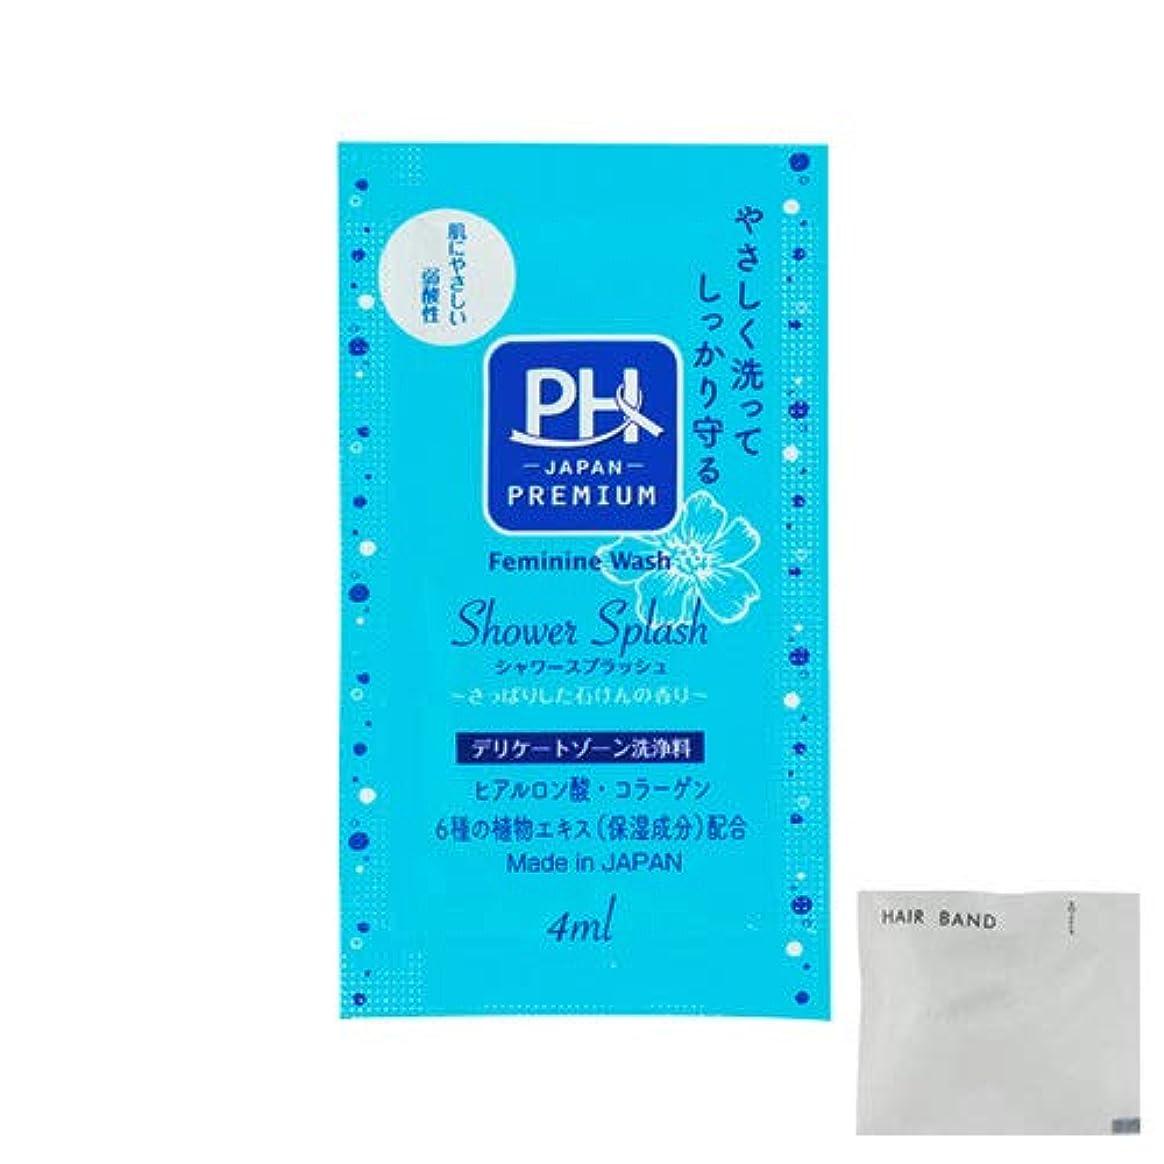 便利さ実行可能活気づけるPH JAPAN プレミアム フェミニンウォッシュ シャワースプラッシュ 4mL(お試し用)×20個 + ヘアゴム(カラーはおまかせ)セット